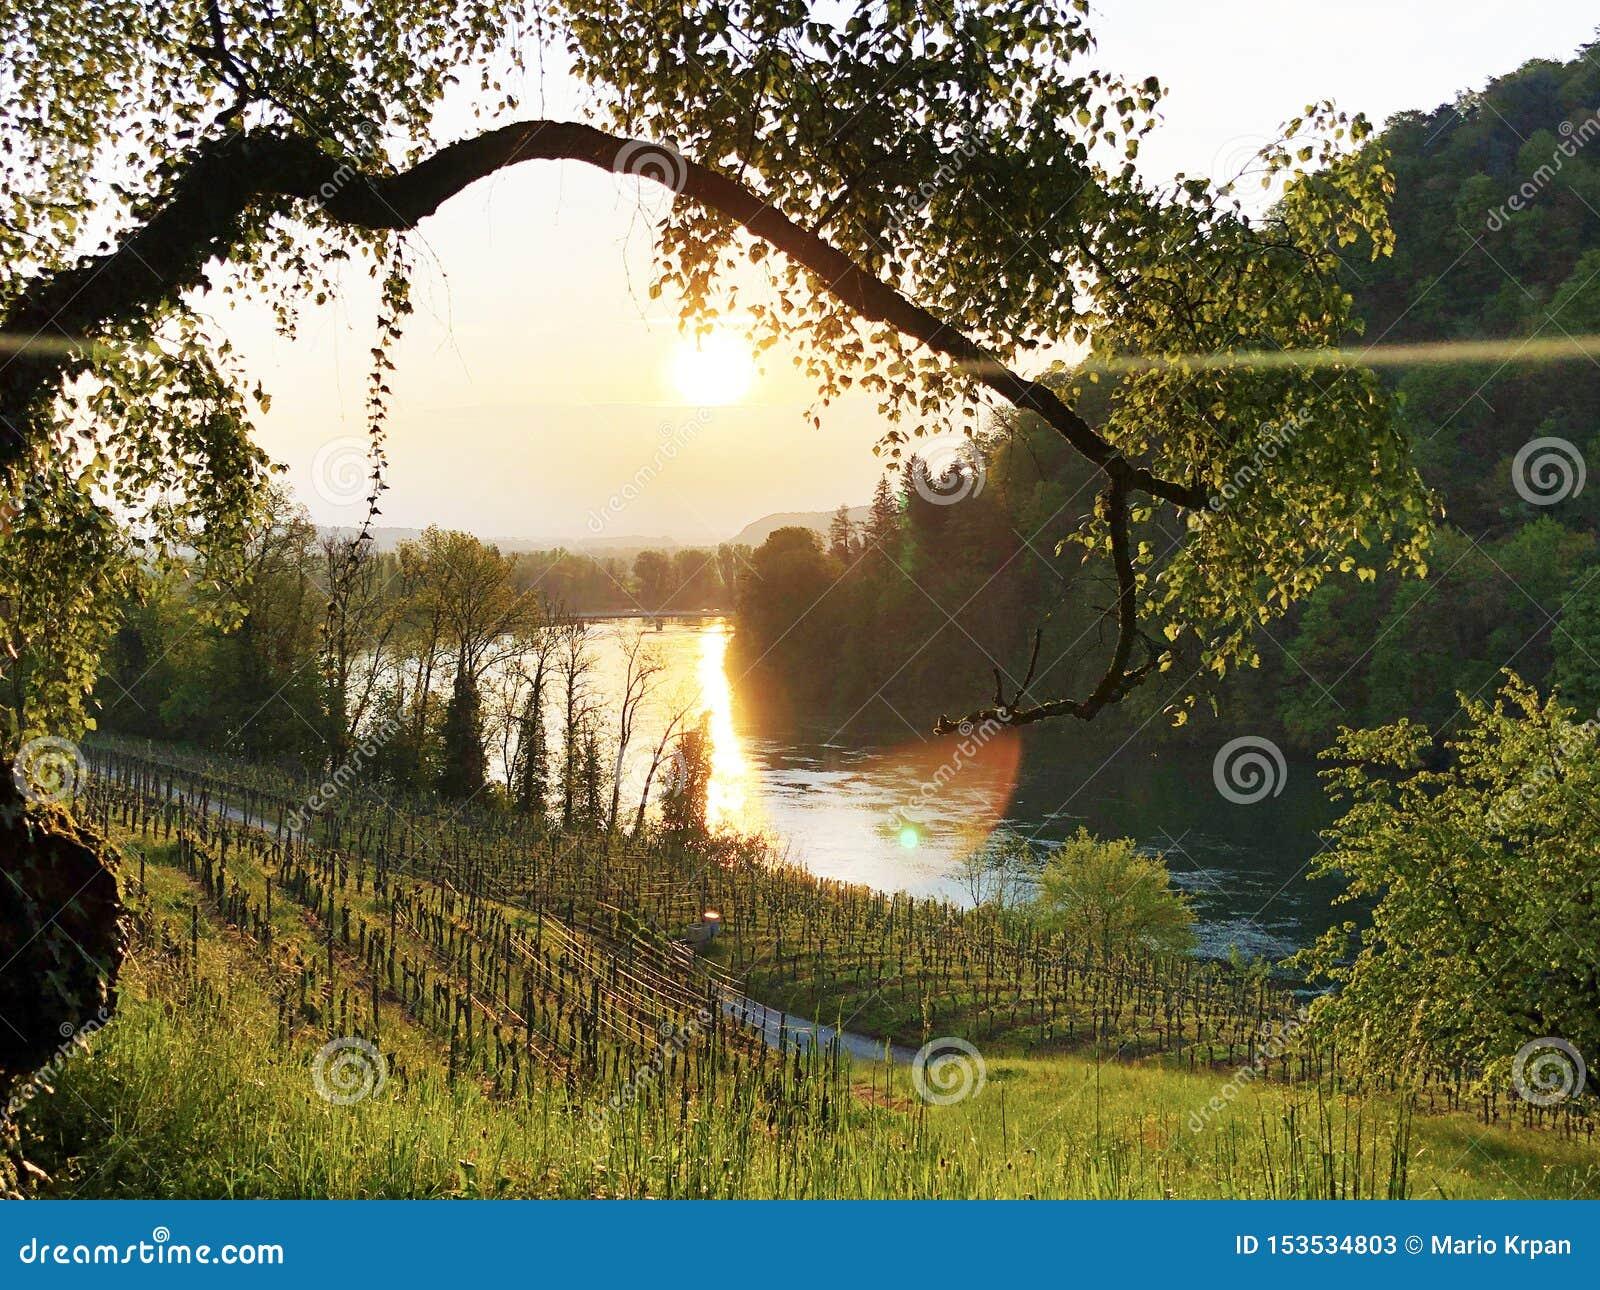 易上镜头的葡萄园和低地森林莱茵河谷的,Buchberg